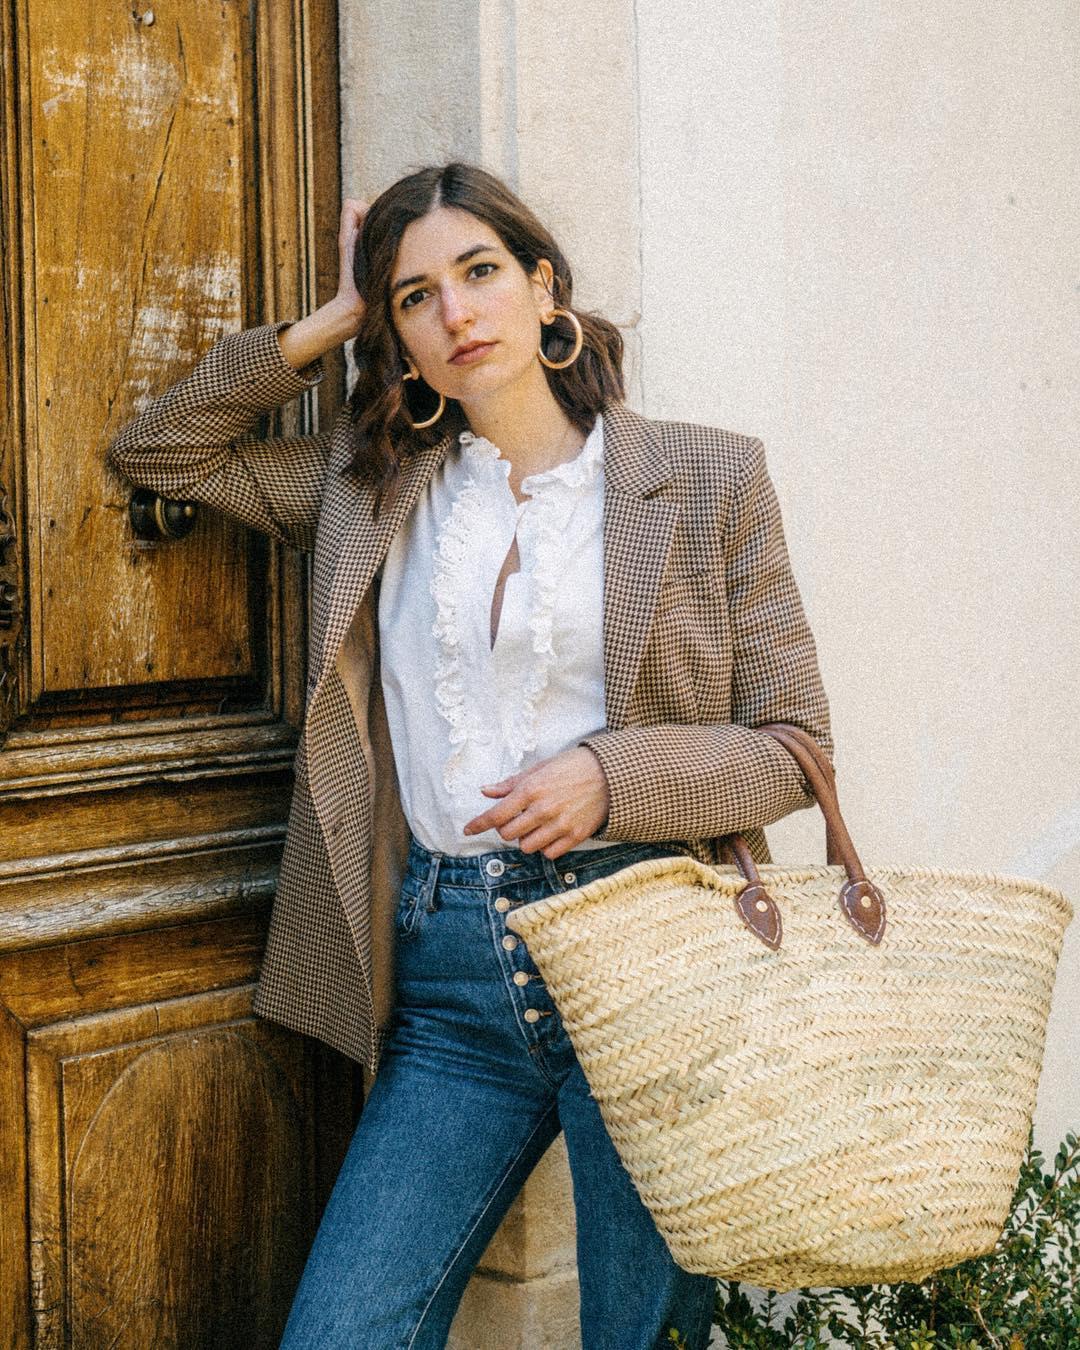 Quý cô người Pháp có style chuẩn nàng thơ: Không thể sống thiếu váy quấn, diện đồ 'hoa lá hẹ' mà vẫn rất mực tinh tế - Ảnh 20